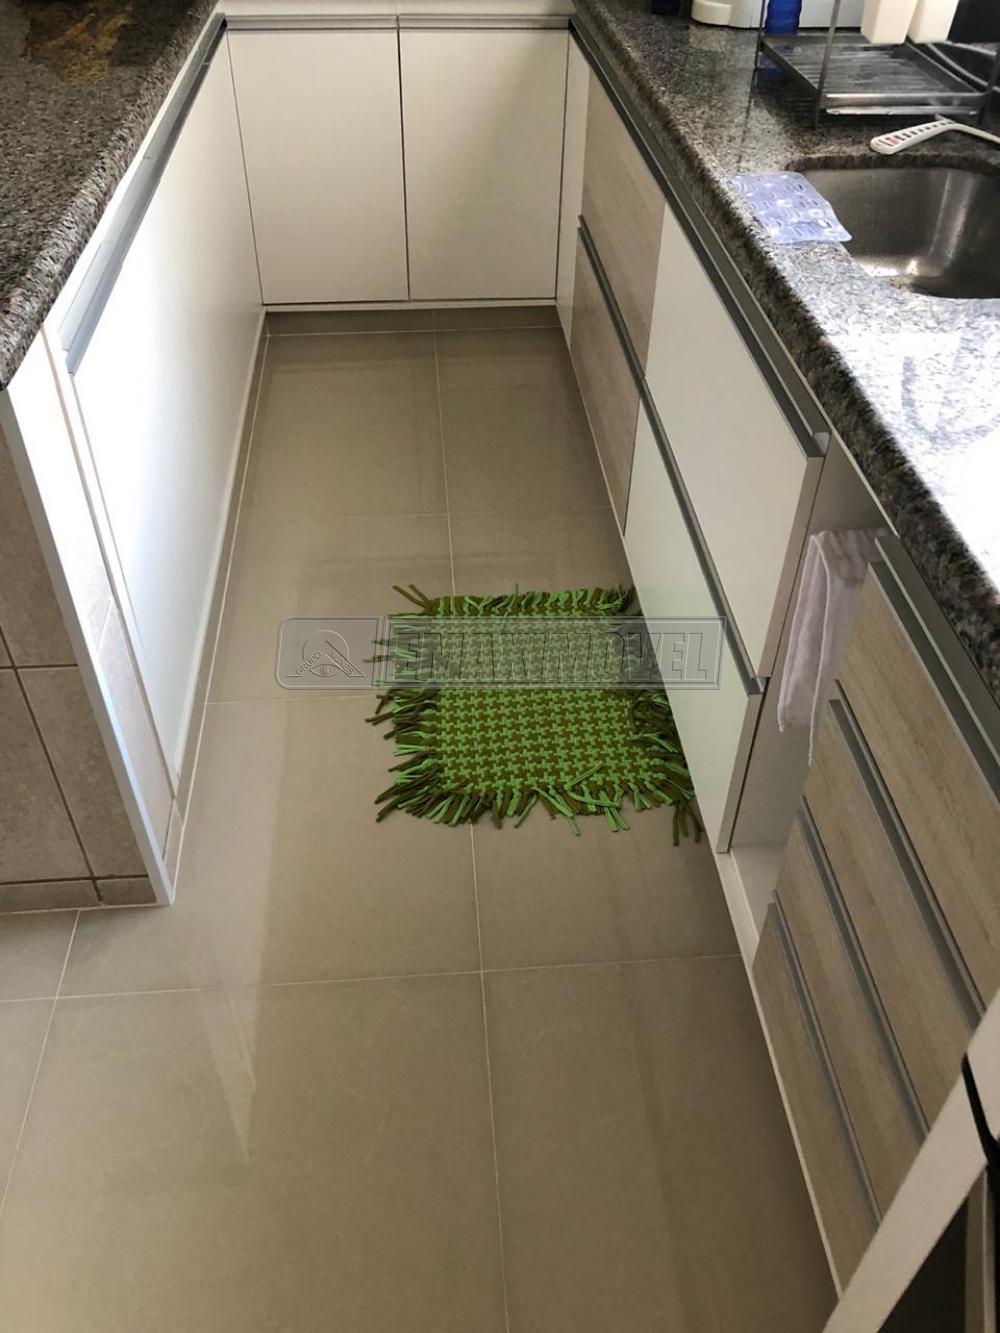 Comprar Casas / em Bairros em Sorocaba apenas R$ 550.000,00 - Foto 13